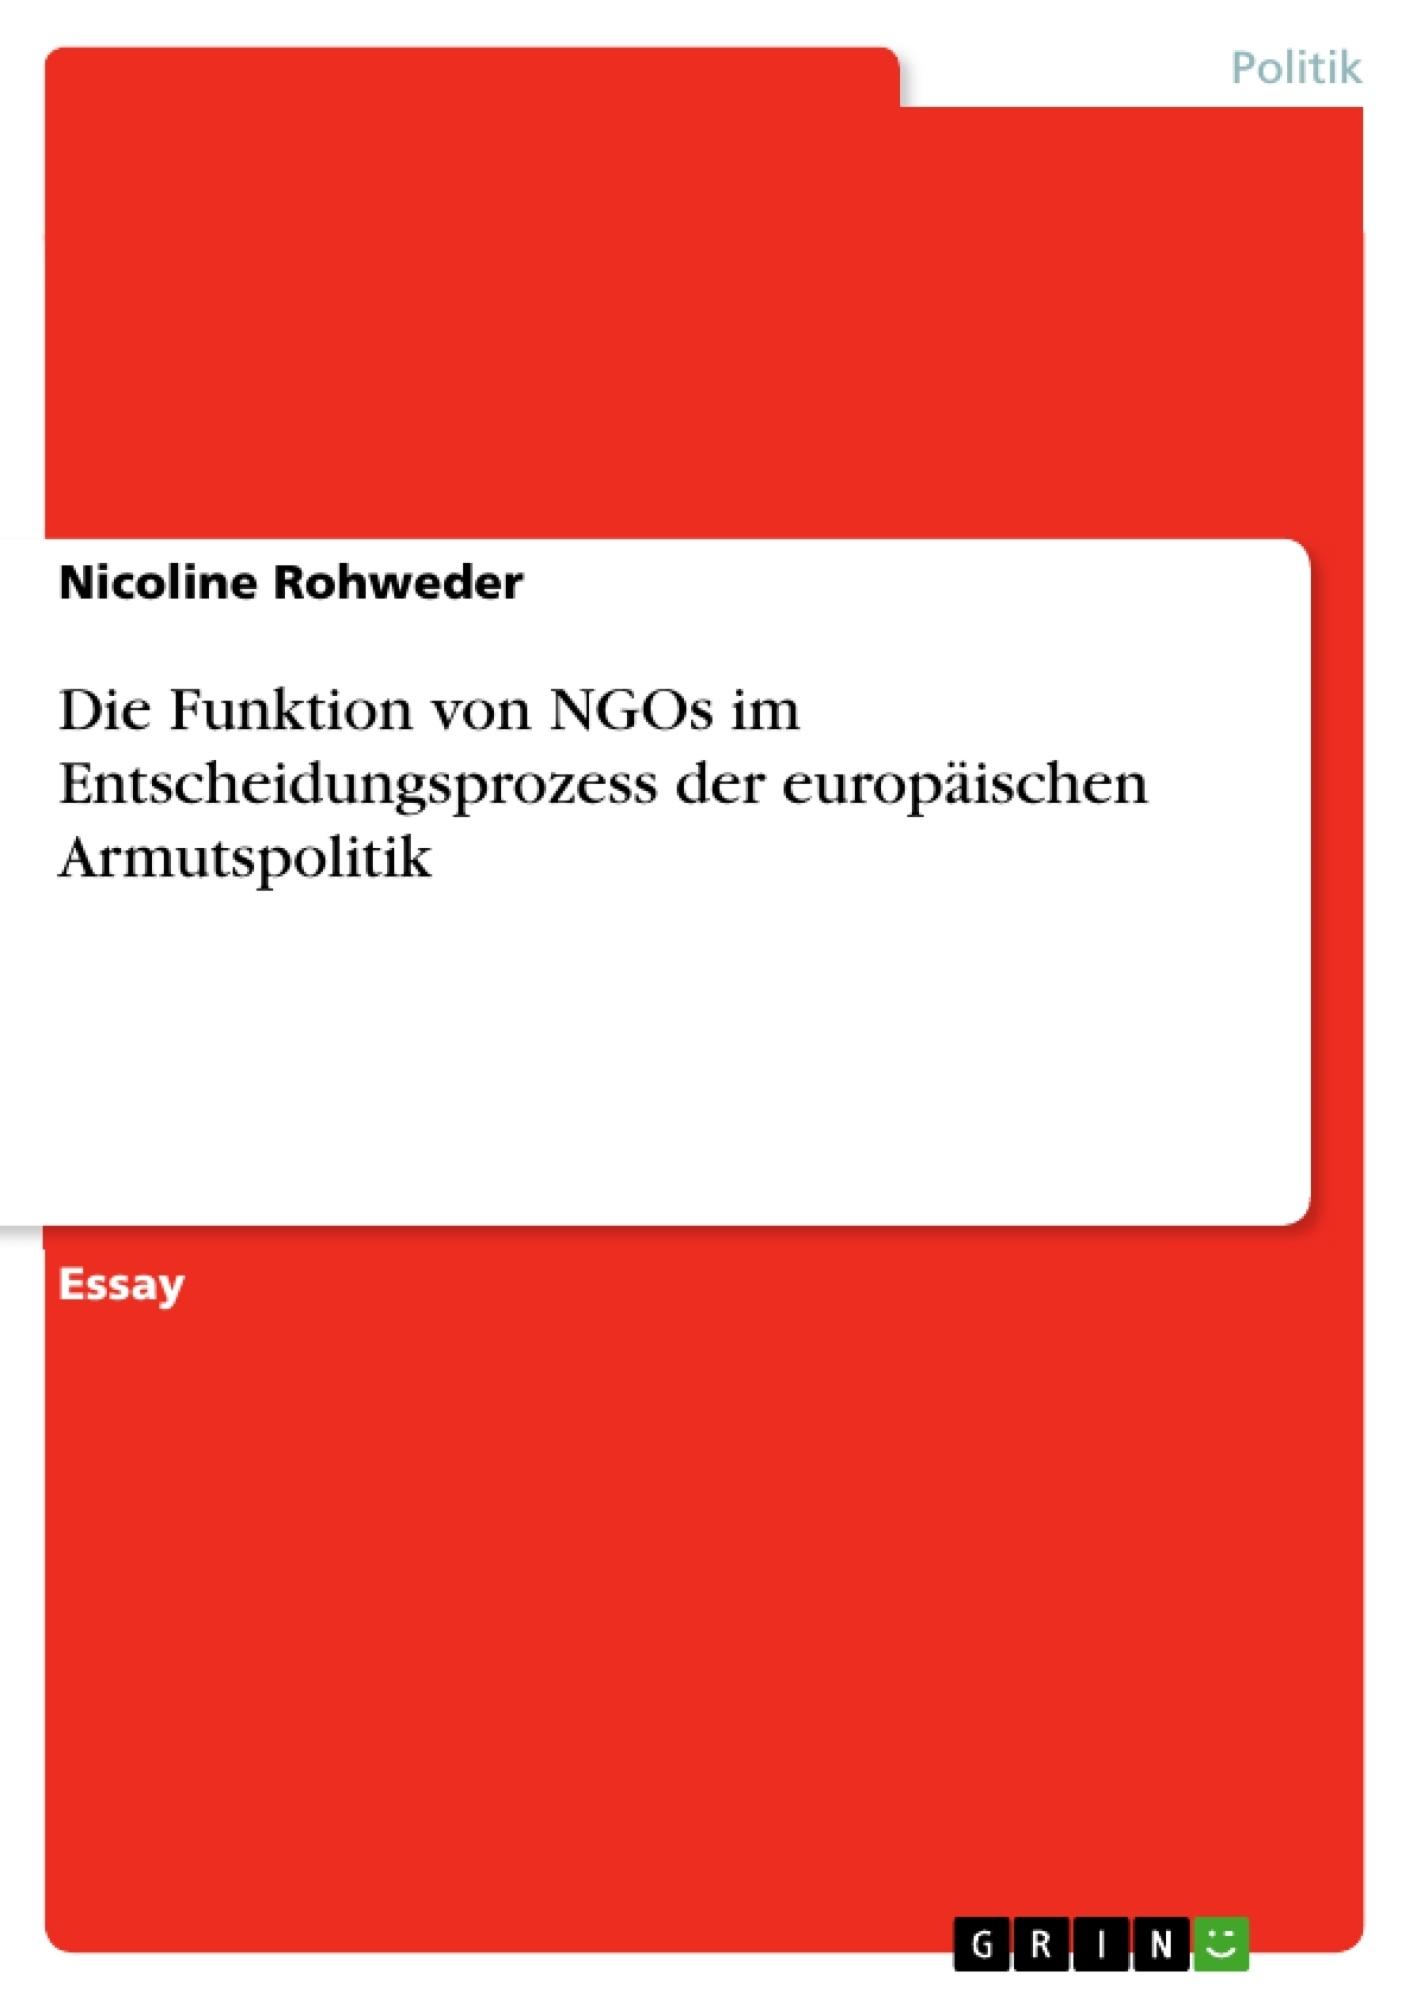 Titel: Die Funktion von NGOs im Entscheidungsprozess der europäischen Armutspolitik